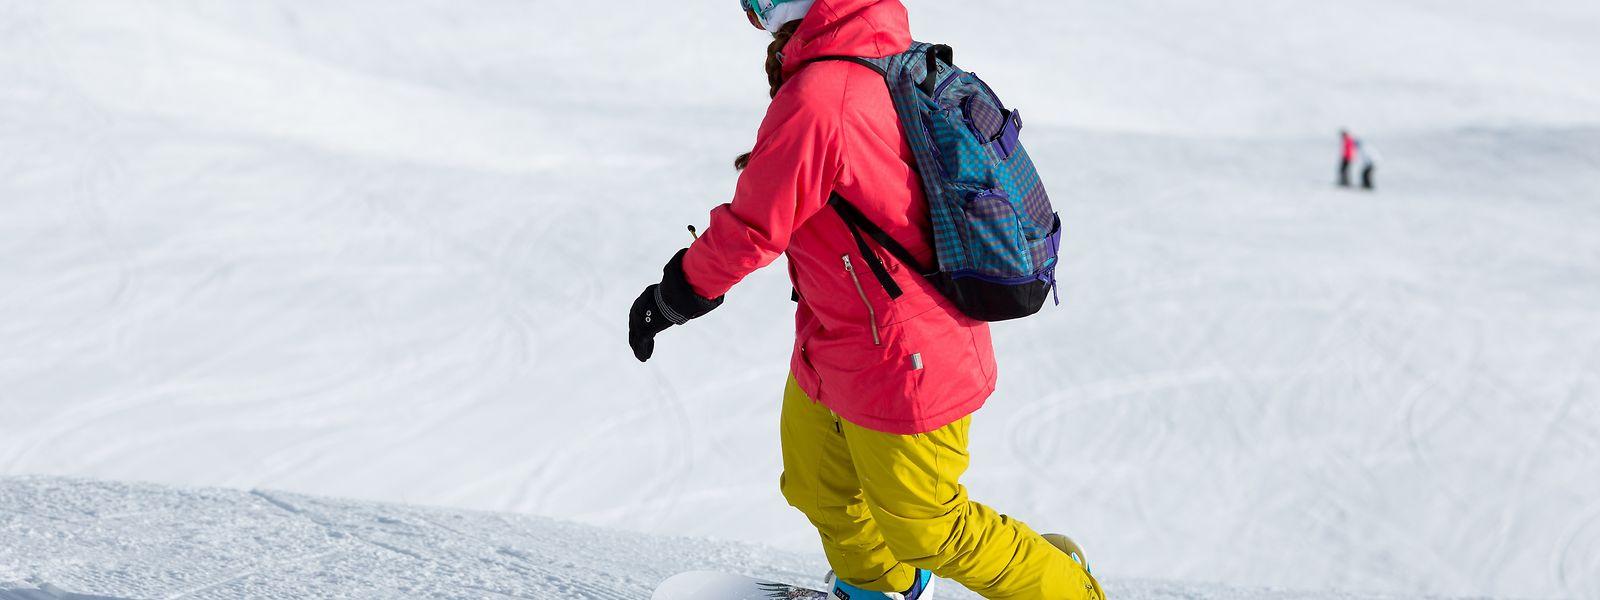 Nach dem Boom in den 1990er-Jahren war es zuletzt um Snowboards etwas ruhiger geworden. Das ändert sich jedoch wieder.